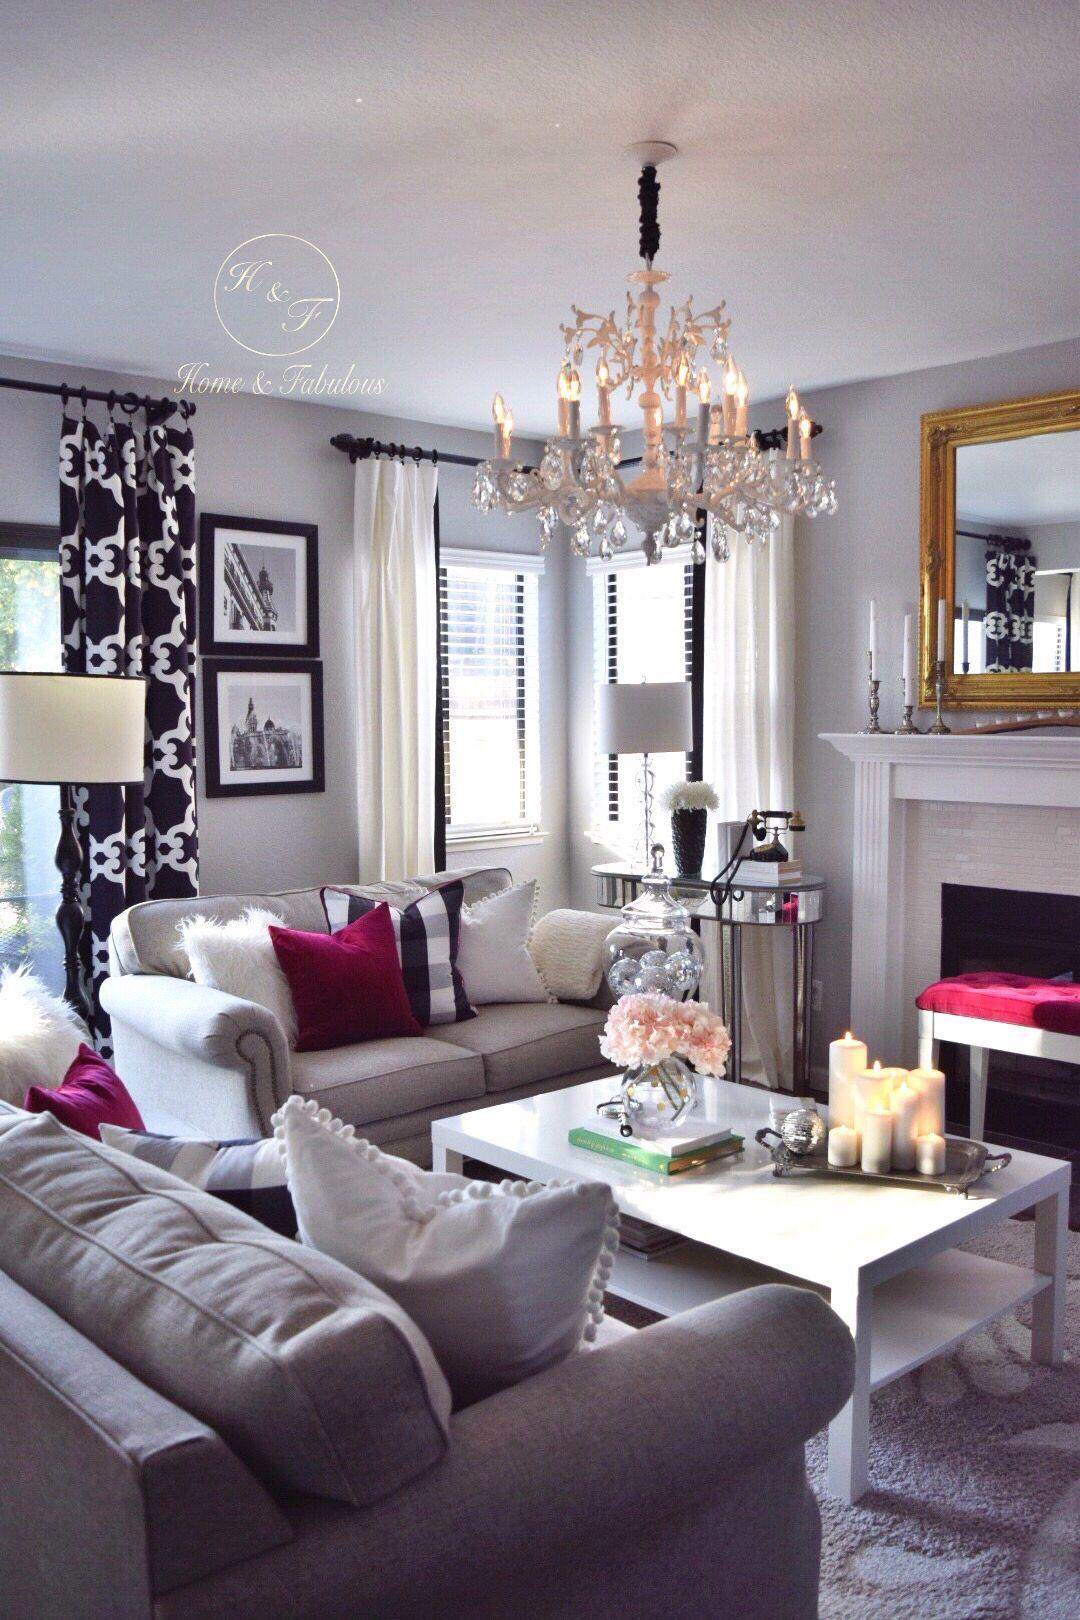 Living Room Decor - Wohnzimmer Dekor | deko | Pinterest ...